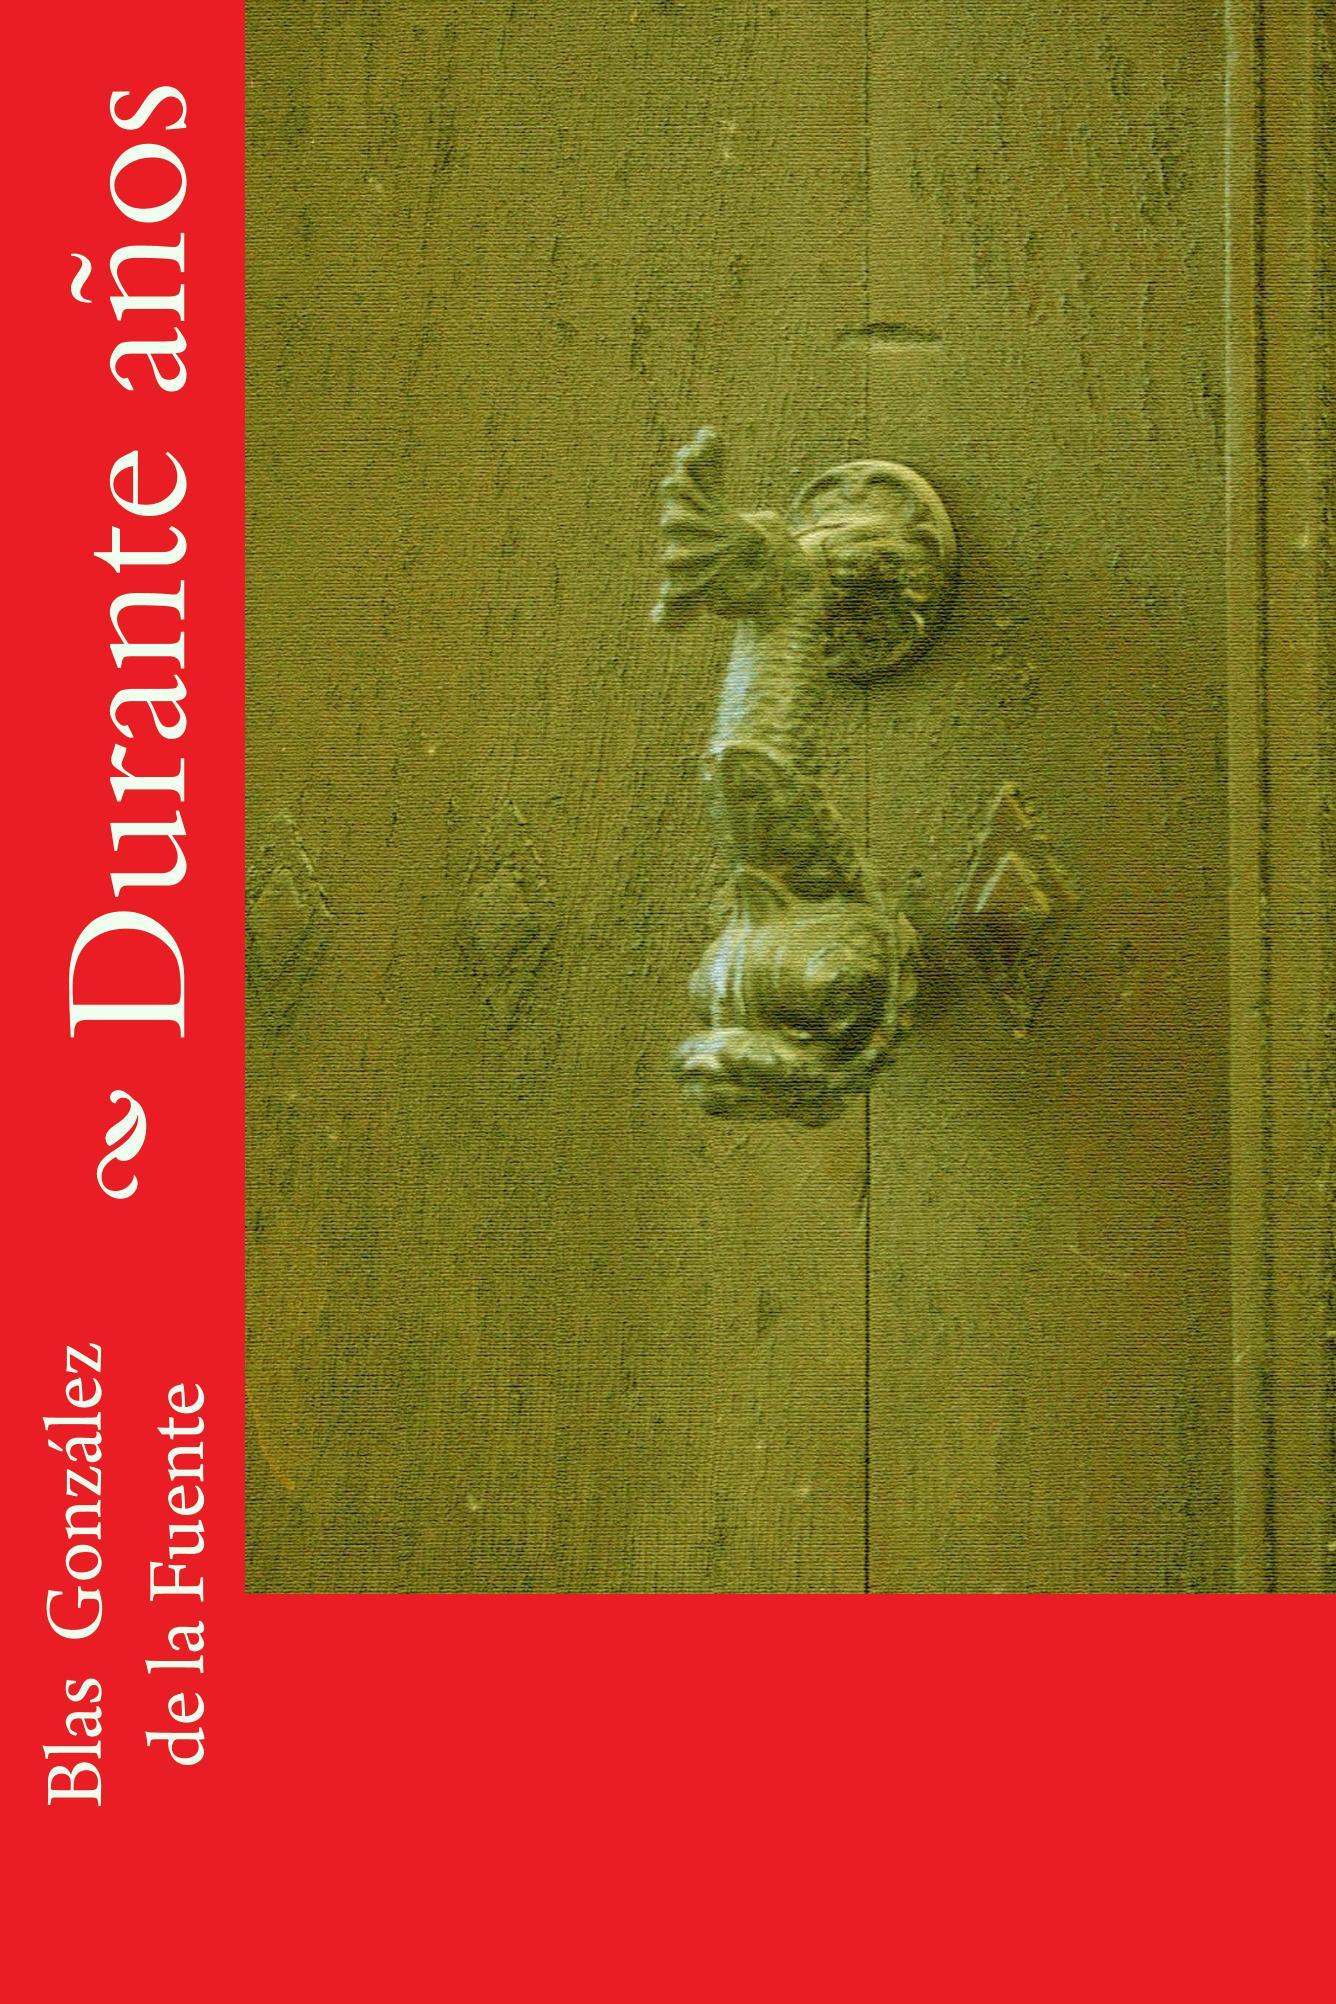 Durante años, un poemario de Blas González de la Fuente, escritor nacido en Mombeltrán, Ávila, España